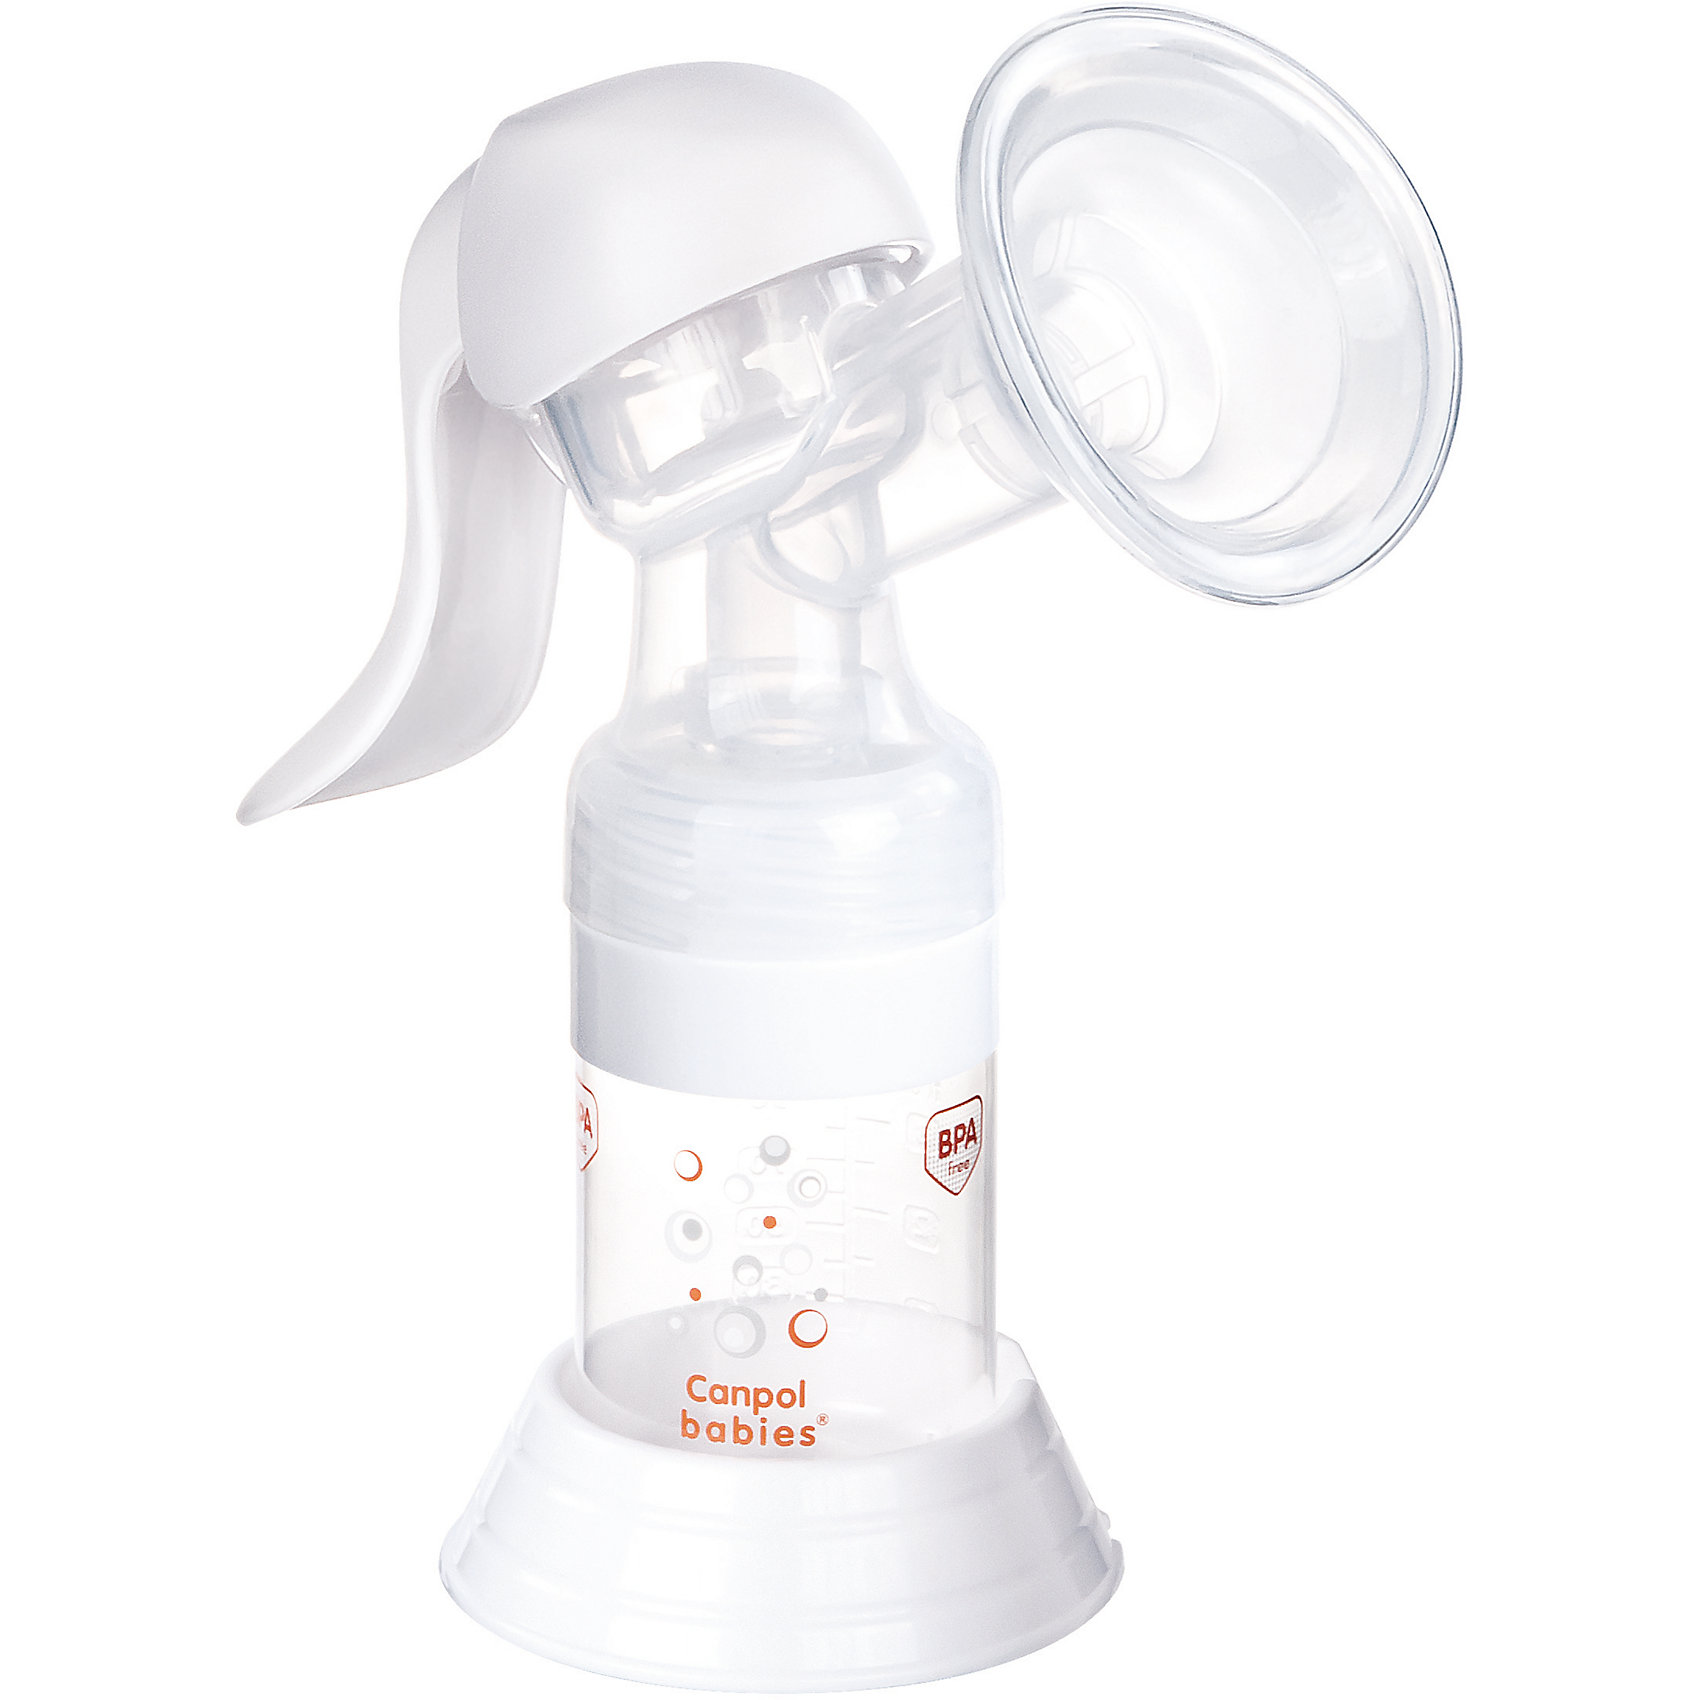 Молокоотсос ручной Basic, Canpol BabiesДетская бытовая техника<br>Молокоотсос ручной Basic, Canpol Babies.<br><br>Характеристики:<br><br>• В комплекте: бутылочка для кормления 125 мл, корпус с массажной насадкой, адаптер для бутылочек с узким горлышком, соска силиконовая от 3 мес., уплотнительный диск для хранения молока в бутылочке, втулка для соединения корпуса и бутылочки, сумка для хранения молокоотсоса<br>• Материал: полипропилен, силикон, полиоксиметилен<br><br>Ручной молокоотсос Basic - гарантирует простоту и удобство процесса сцеживания молока. Благодаря небольшому количеству элементов его легко собирать и содержать в чистоте. Молокоотсос обладает эргономичной ручкой, что позволяет сцеживать молоко, не прилагая особых усилий. Силиконовая накладка обеспечивает идеальный контакт воронки с грудью и нежное стимулирование во время сцеживания. Комфортный сбор молока прямо в бутылочку для кормления позволит накормить ребенка в любой момент. Благодаря специальному адаптеру молокоотсос можно использовать со всеми видами бутылочек Canpol babies, как с узким, так и с широким горлышком. Ручной молокоотсос Basic выполнен из нетоксичных, долговечных и безопасных материалов.<br><br>Молокоотсос ручной Basic, Canpol Babies можно купить в нашем интернет-магазине.<br><br>Ширина мм: 200<br>Глубина мм: 90<br>Высота мм: 195<br>Вес г: 493<br>Возраст от месяцев: 0<br>Возраст до месяцев: 1188<br>Пол: Унисекс<br>Возраст: Детский<br>SKU: 5598825